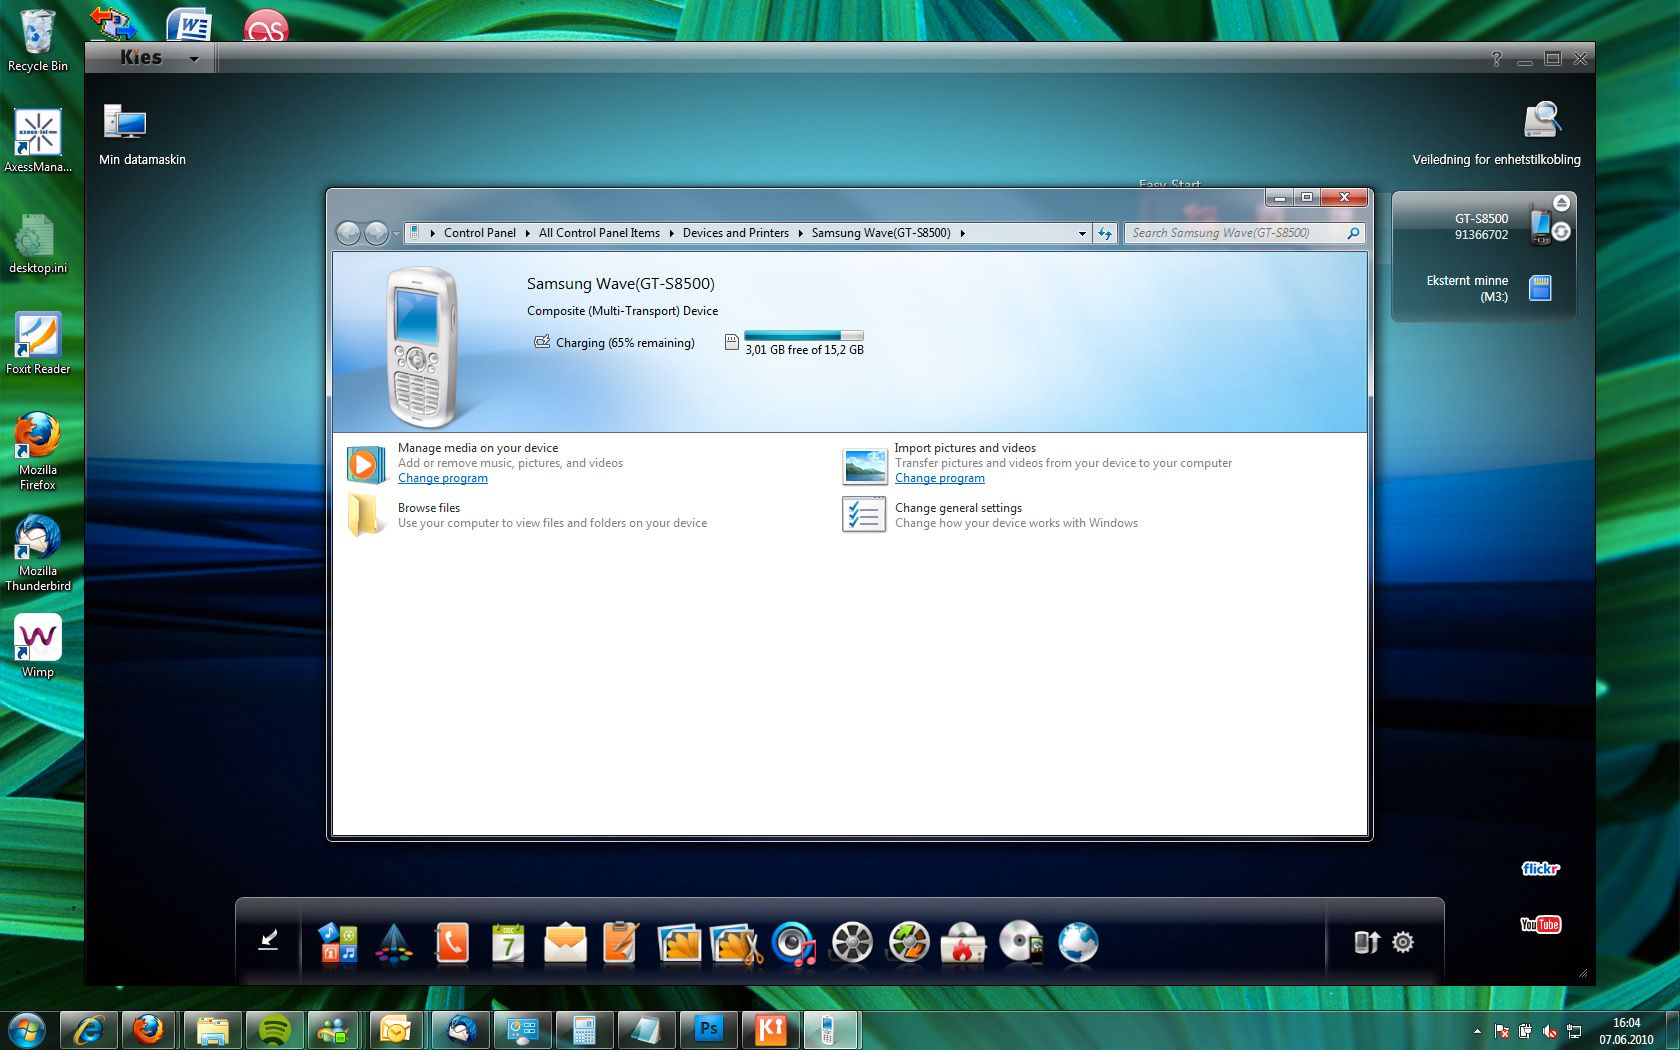 Samsungs nye PC-programvare, Kies. Her er det også full integrasjon mot Explorer i Windows, slik at man ikke behøver å starte programvaren for å kontrollere mobilen.